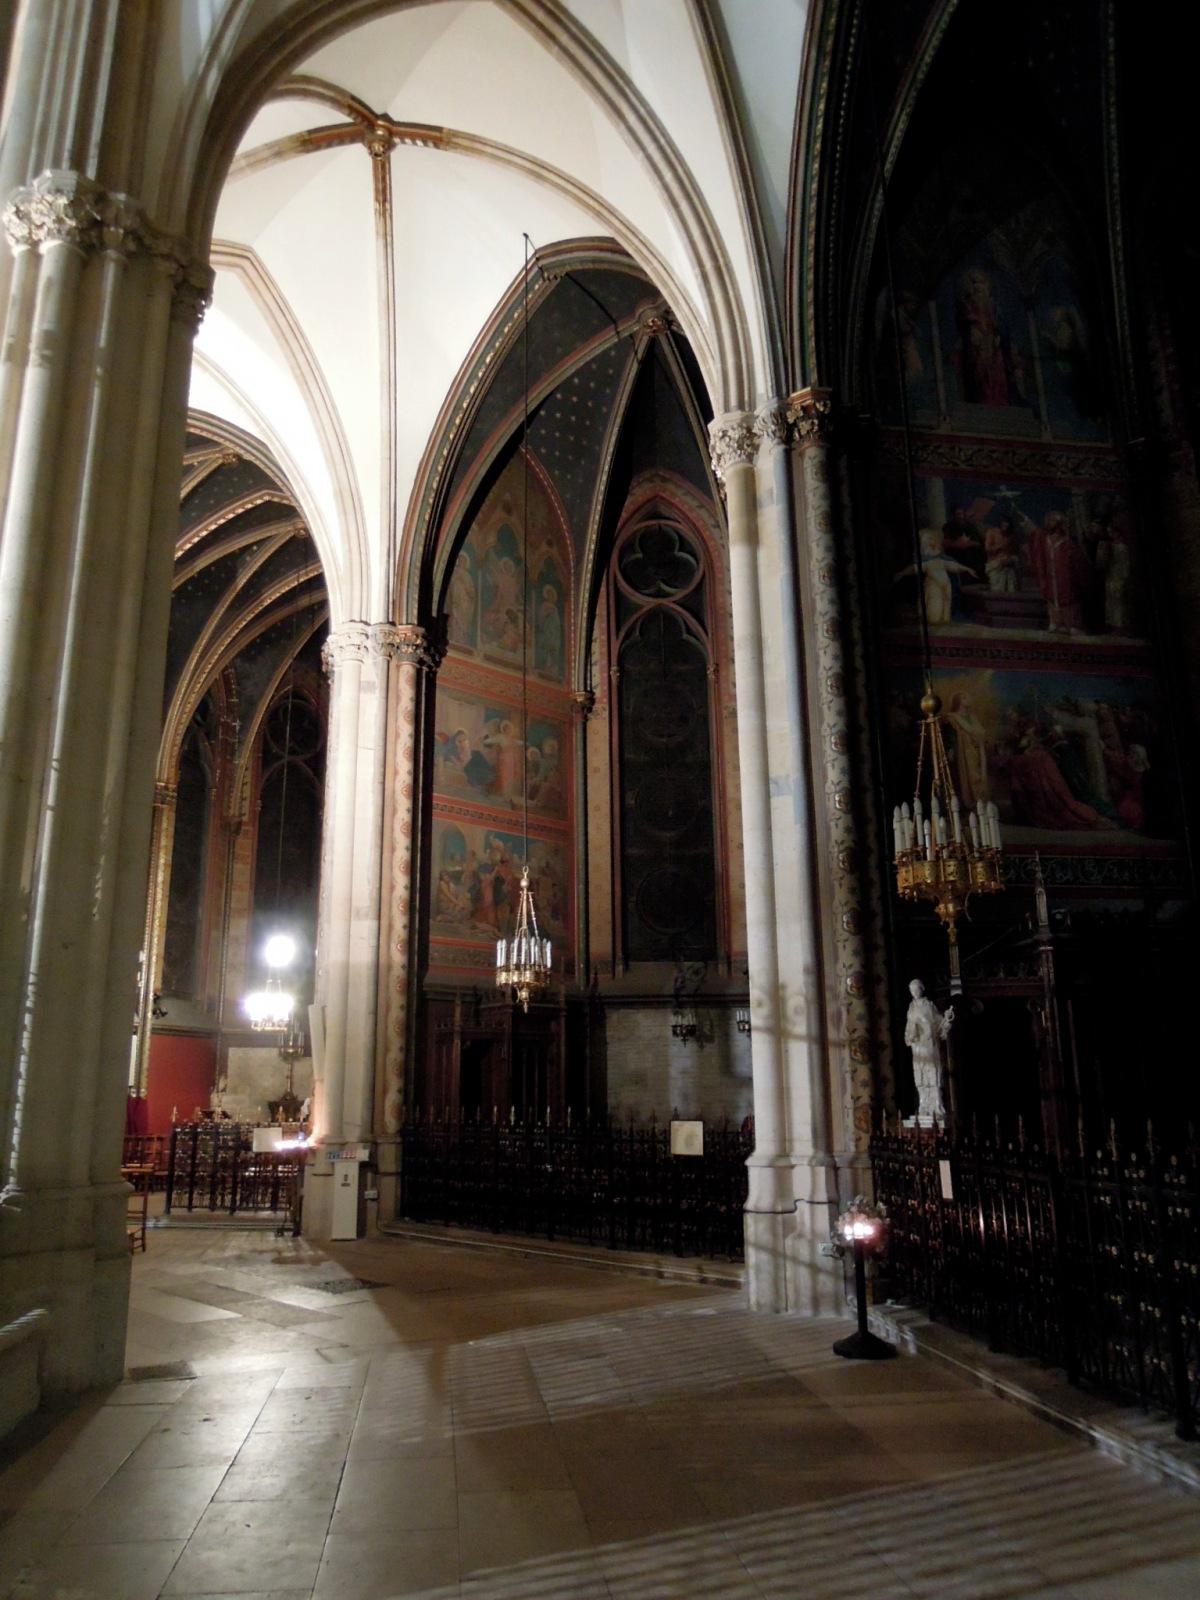 Vaulted ceilings inside Sainte-Clotilde Basilica